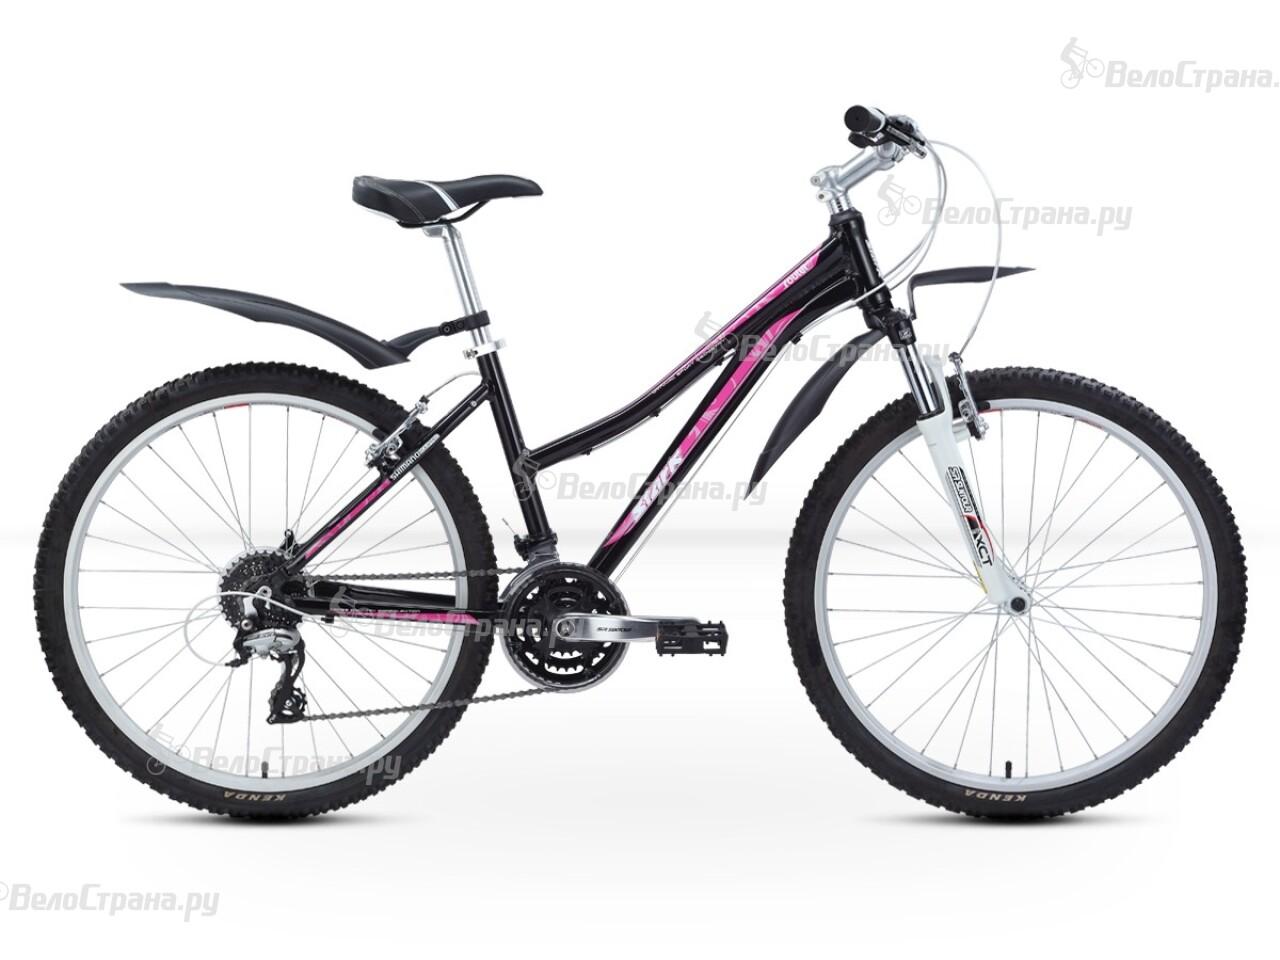 Велосипед Stark Router Lady (2013) велосипед stark router lady 26 2016